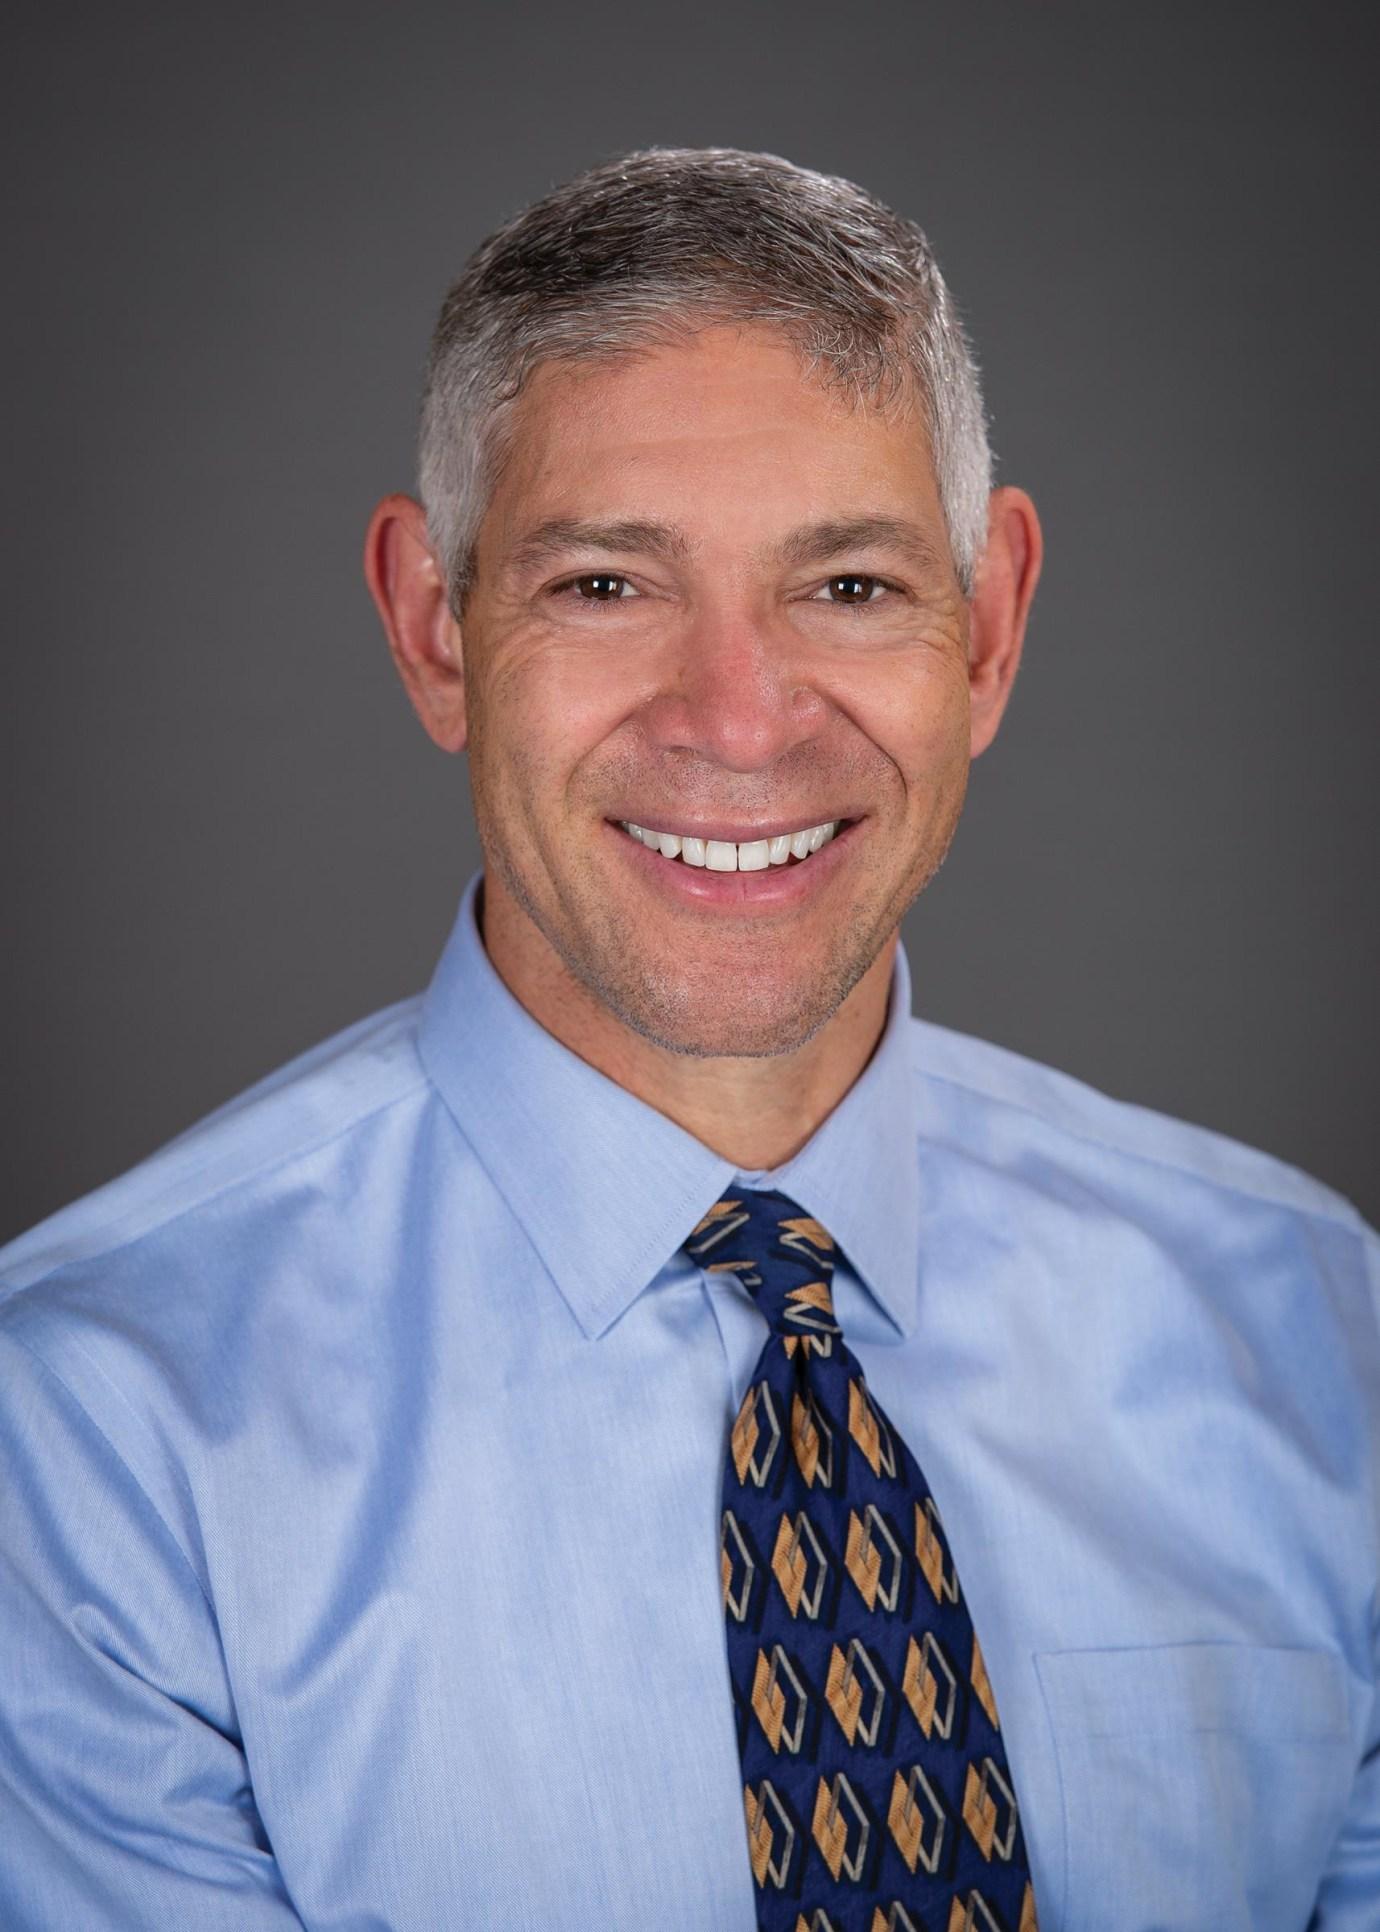 Kevin Billingsley